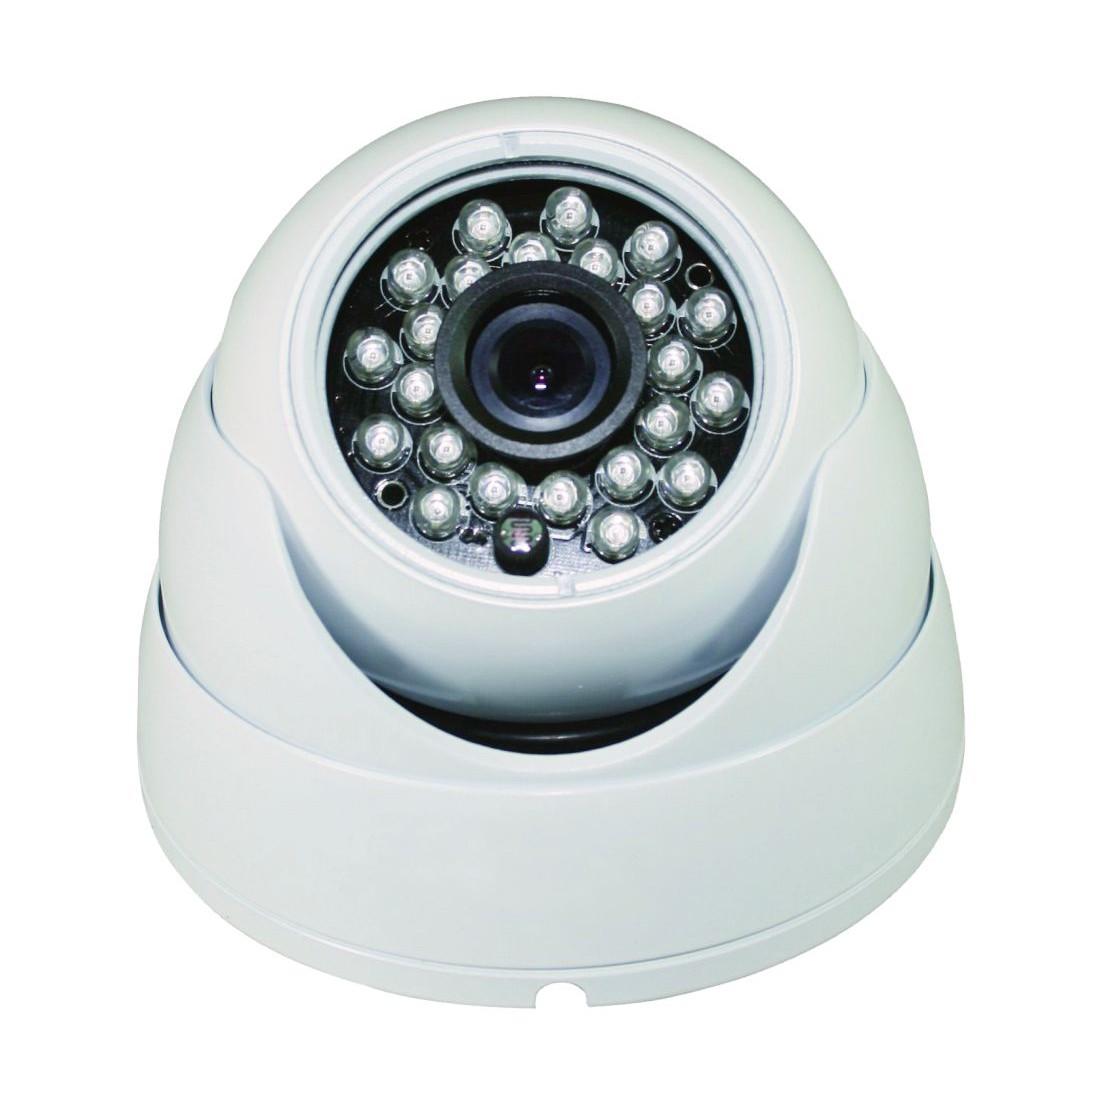 Купольная антивандальная камера Satvision SVC-D292 v3.0 2Мр 2.8мм UTC